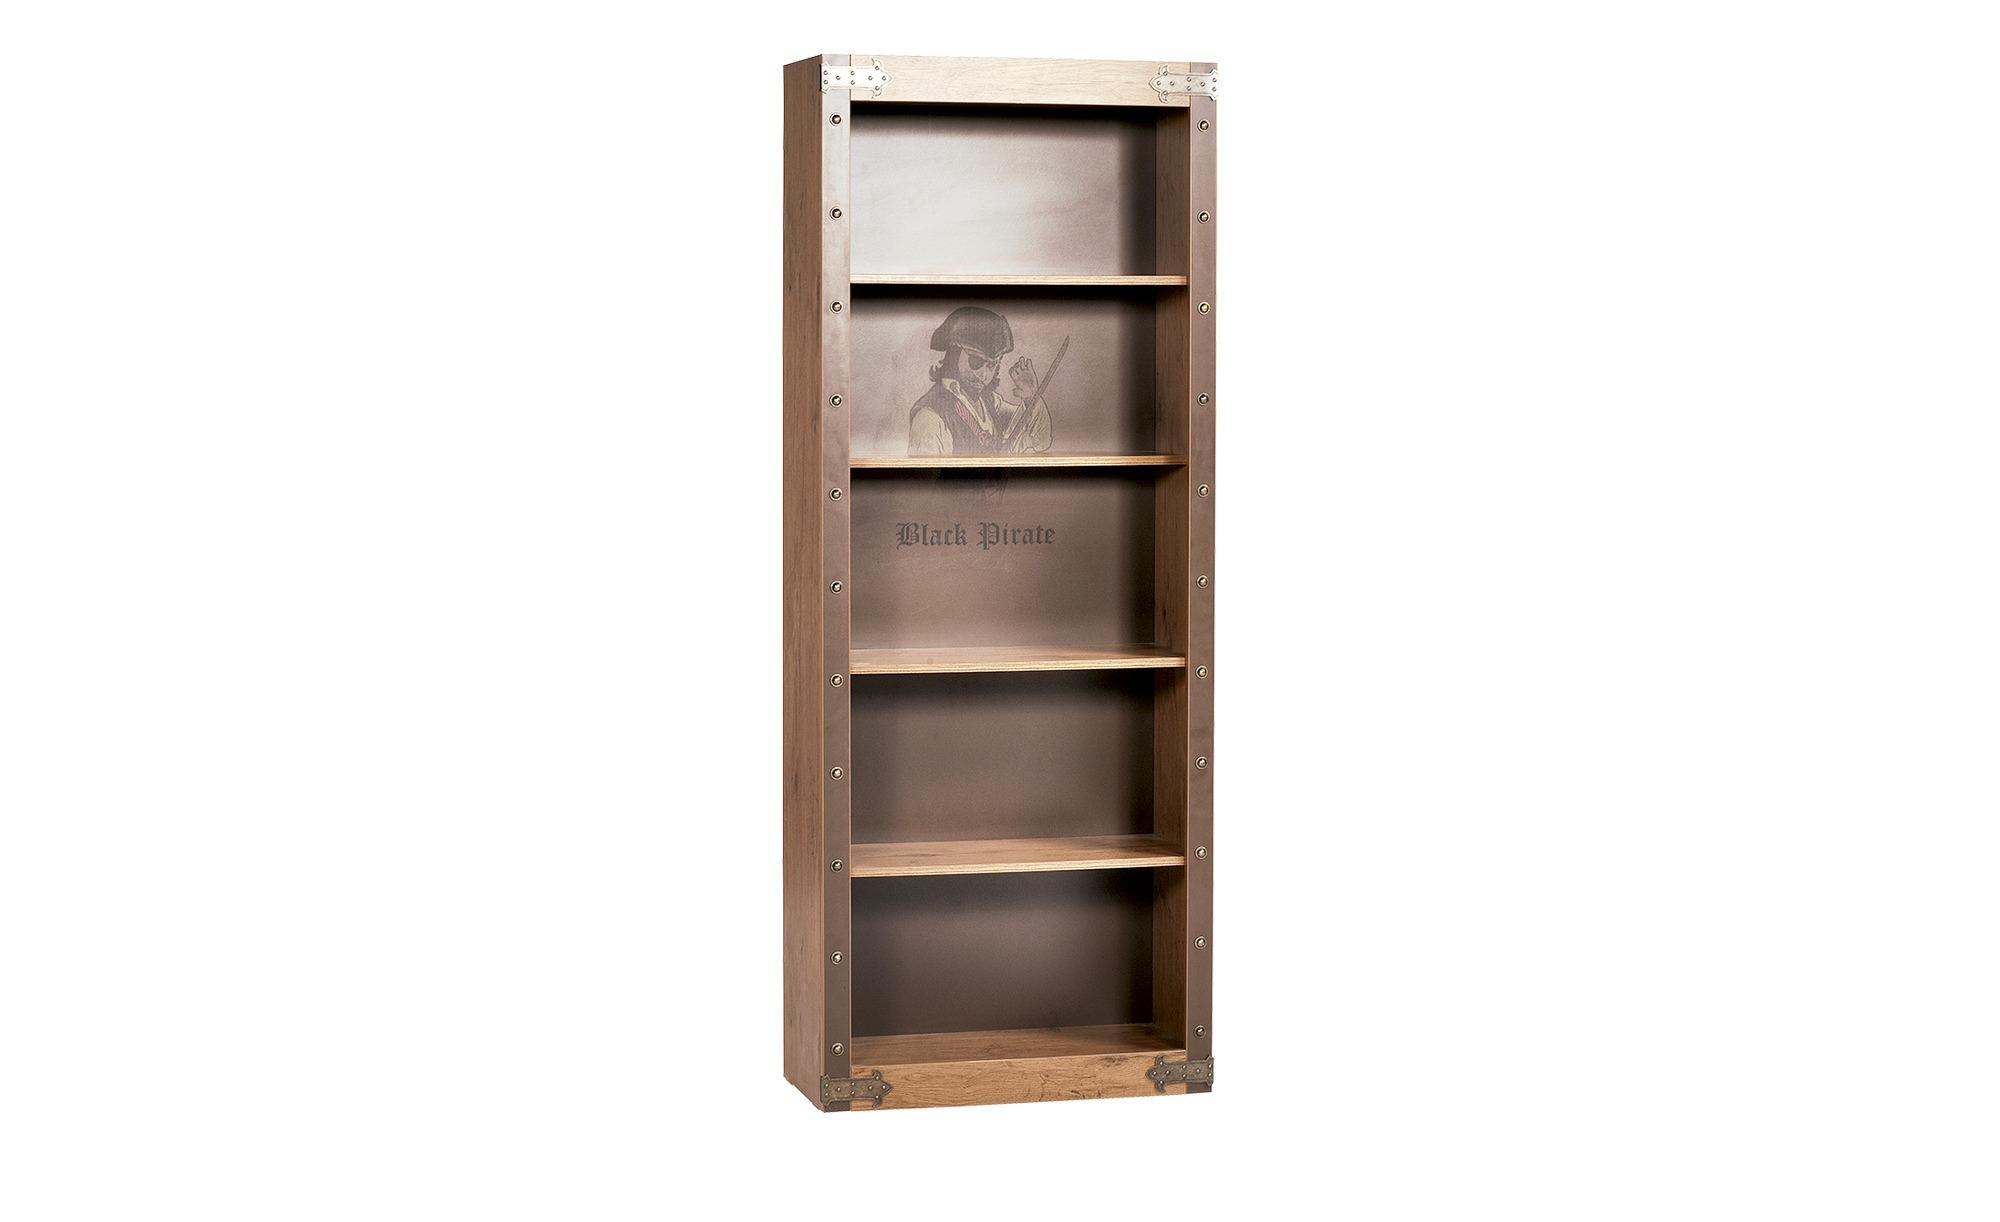 Standregal - holzfarben - 70,7 cm - 182,6 cm - 33,3 cm - Regale > Bücherregale - Möbel Kraft | Wohnzimmer > Regale > Einzelregale | Möbel Kraft